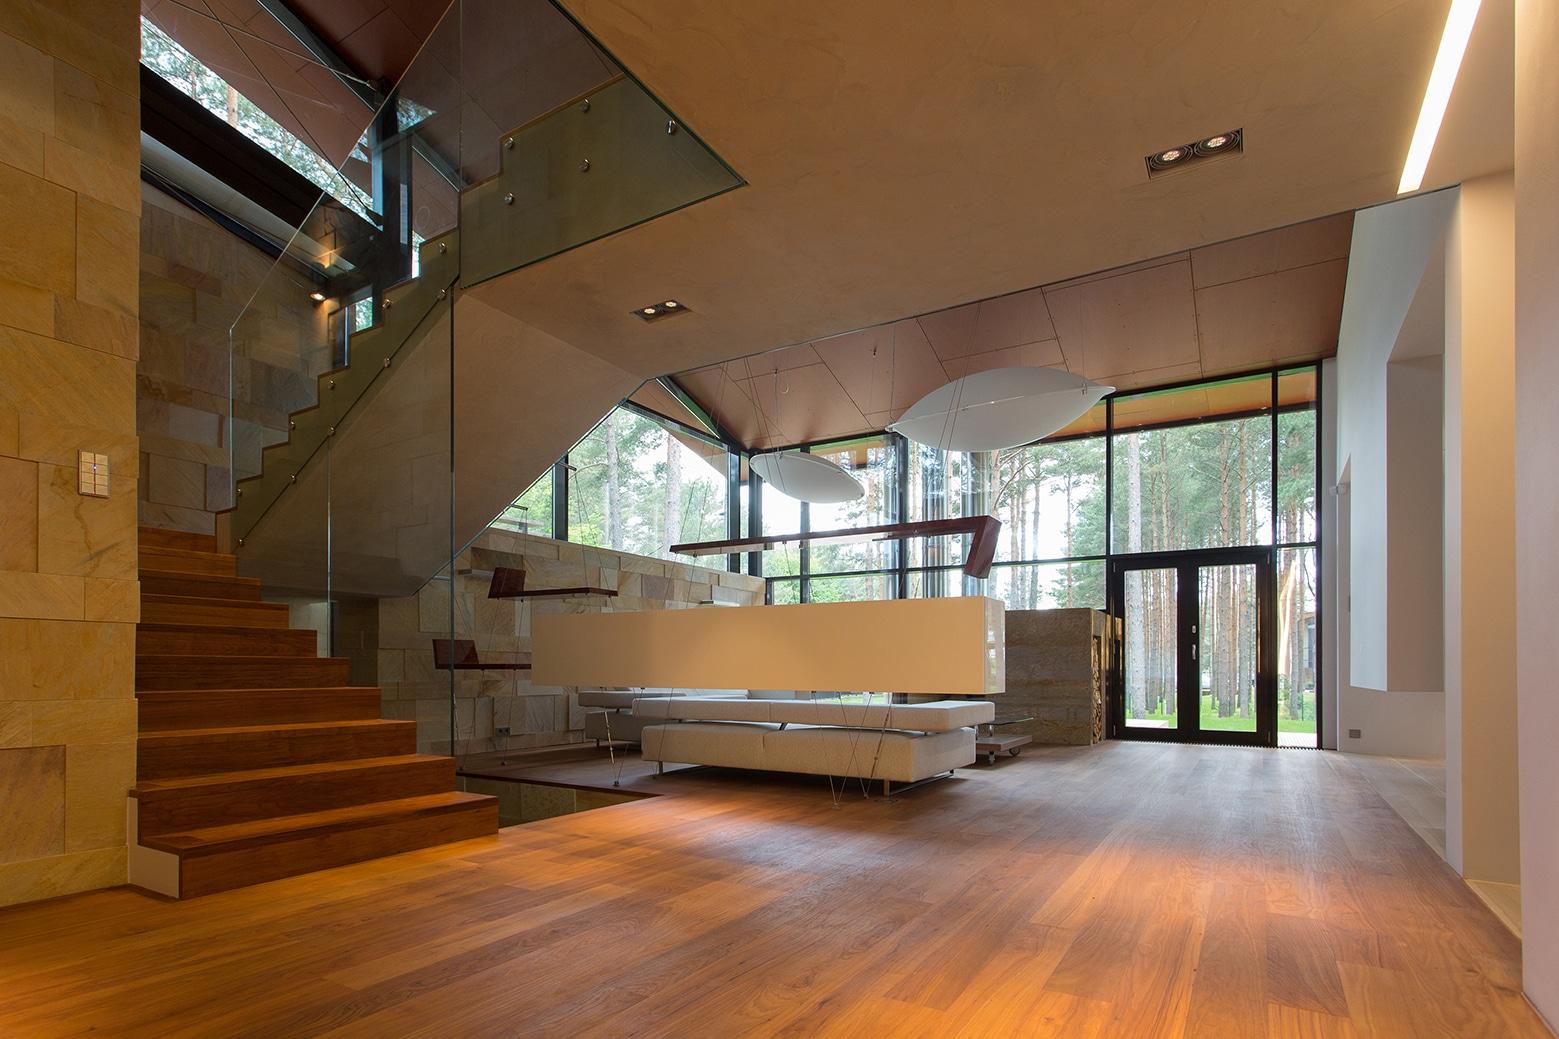 Casa de campo con planos dise o de fachada e interiores - Casa de campo decoracion interior ...